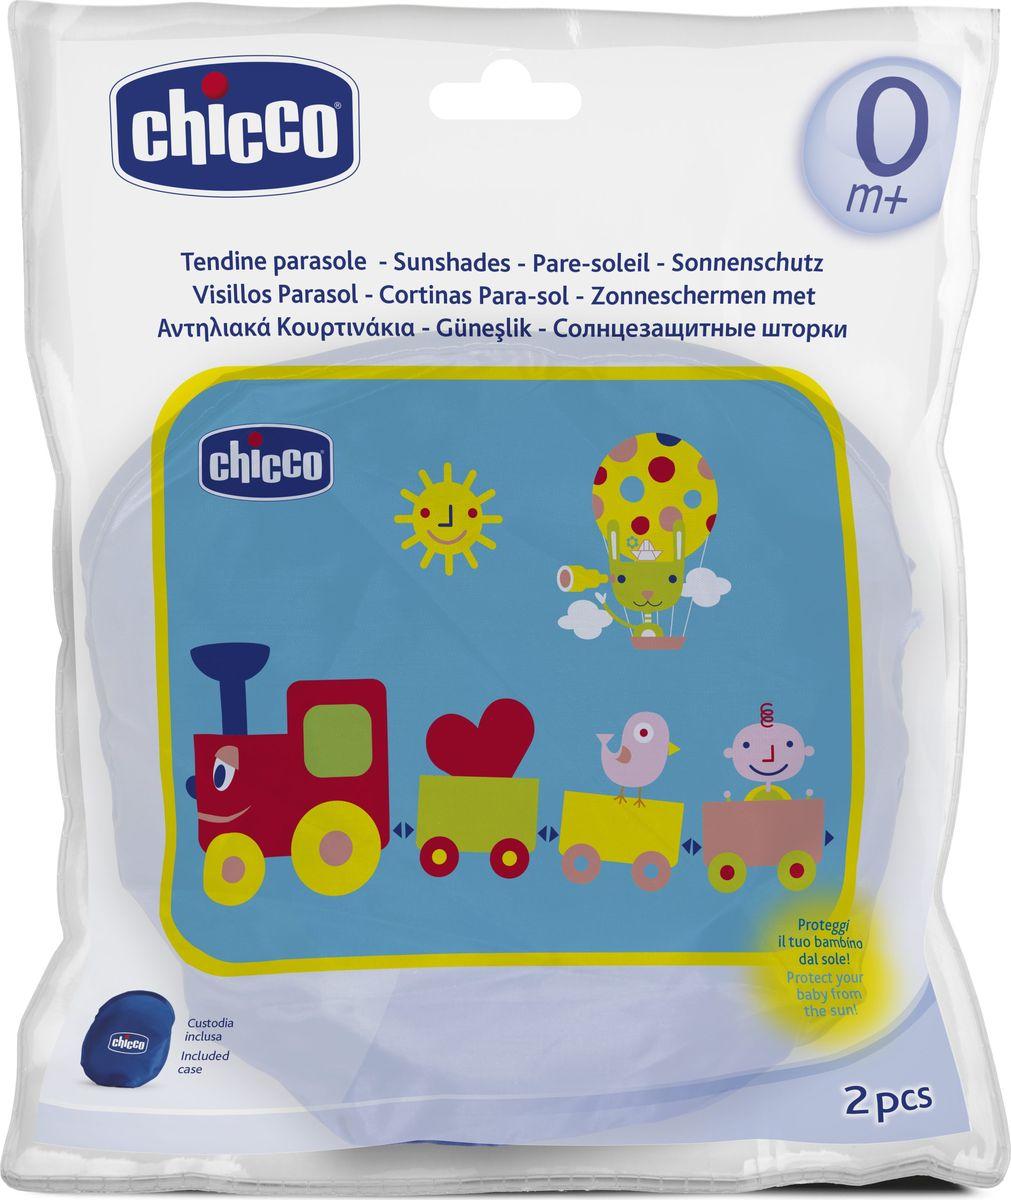 Chicco Шторки солнцезащитные для автомобиля Safe Паровозик330822022Солнцезащитные шторки Chicco для автомобиля помогут сделать путешествие комфортным для вашего малыша. Шторки имеют привлекательный дизайн, крепятся на присоски, сделаны из прочных нетканых материалов и имеют долговечный каркас из стальной проволоки. Шторки можно мыть. В комплекте: 2 штуки и сумка в подарок.